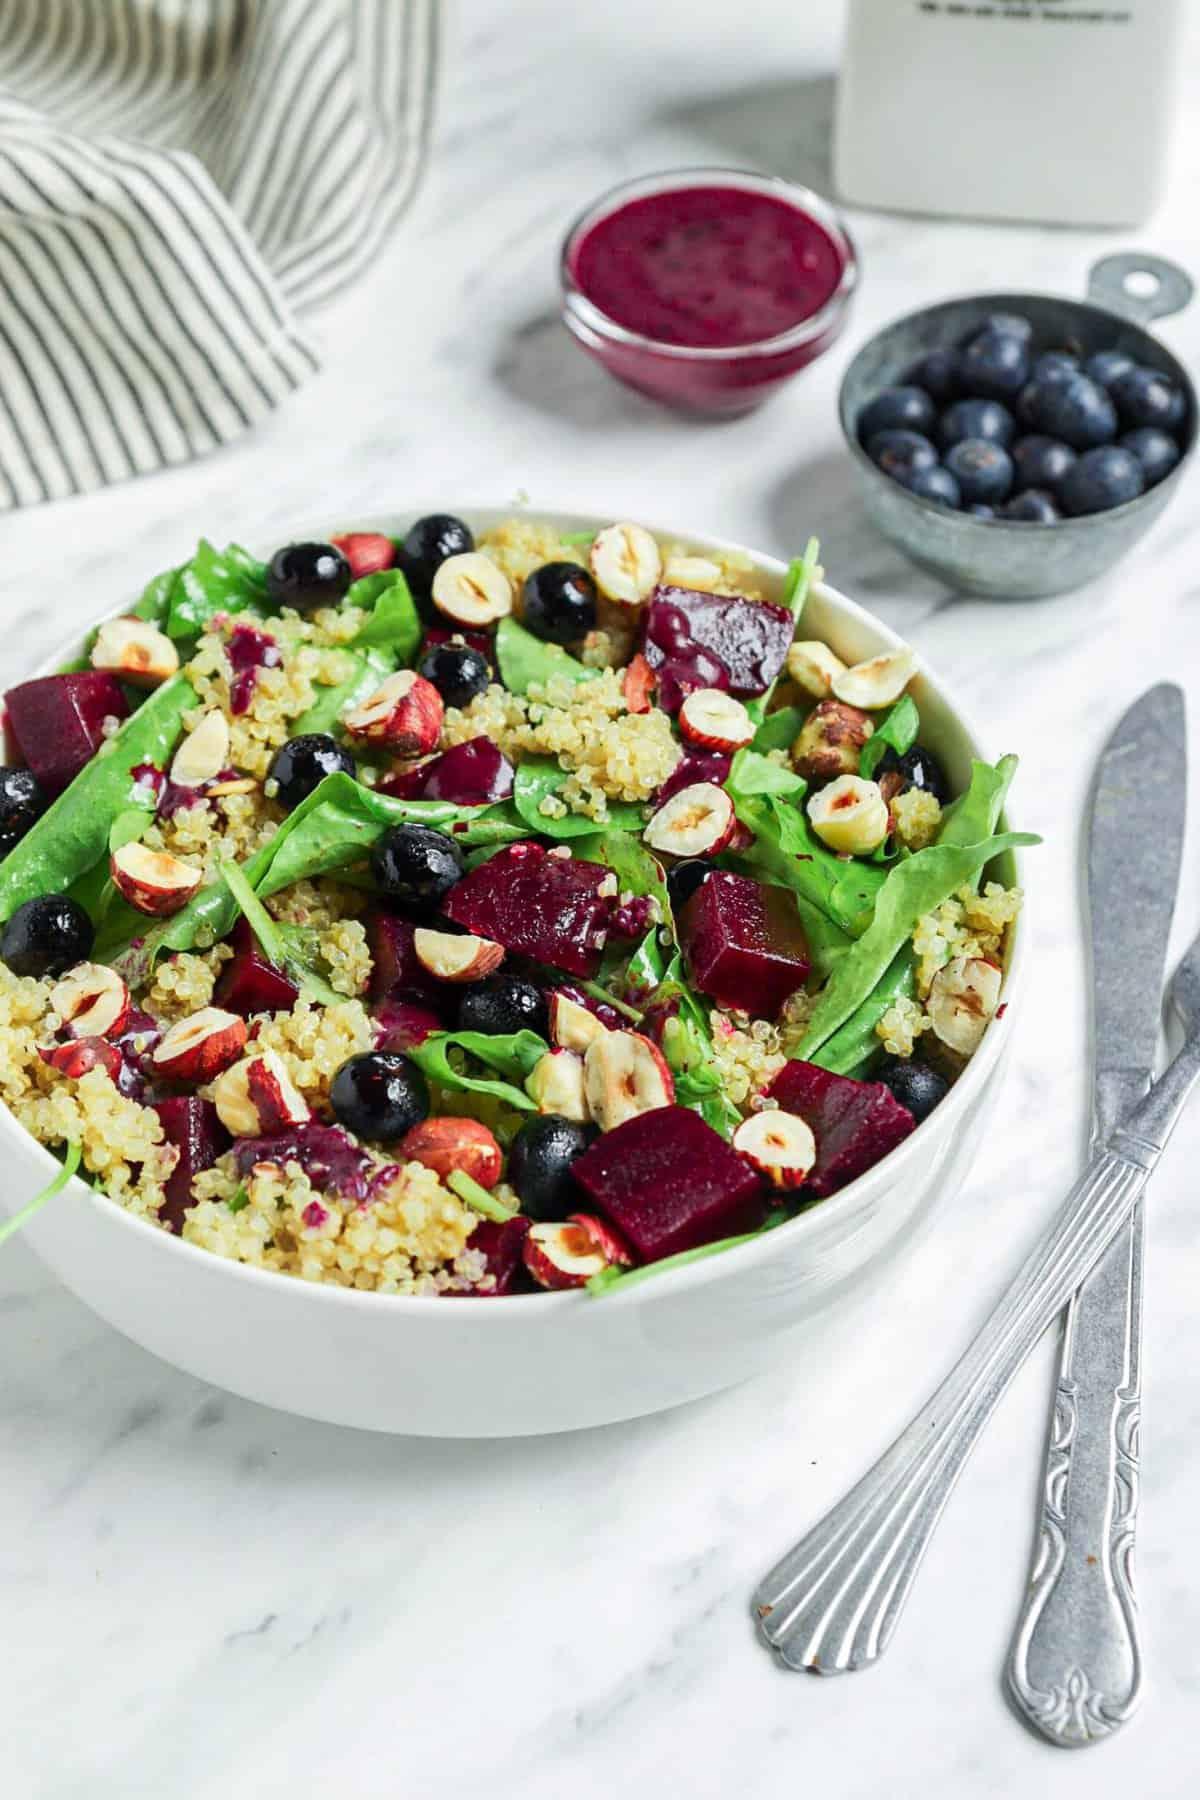 Vegan Spinach Quinoa Salad